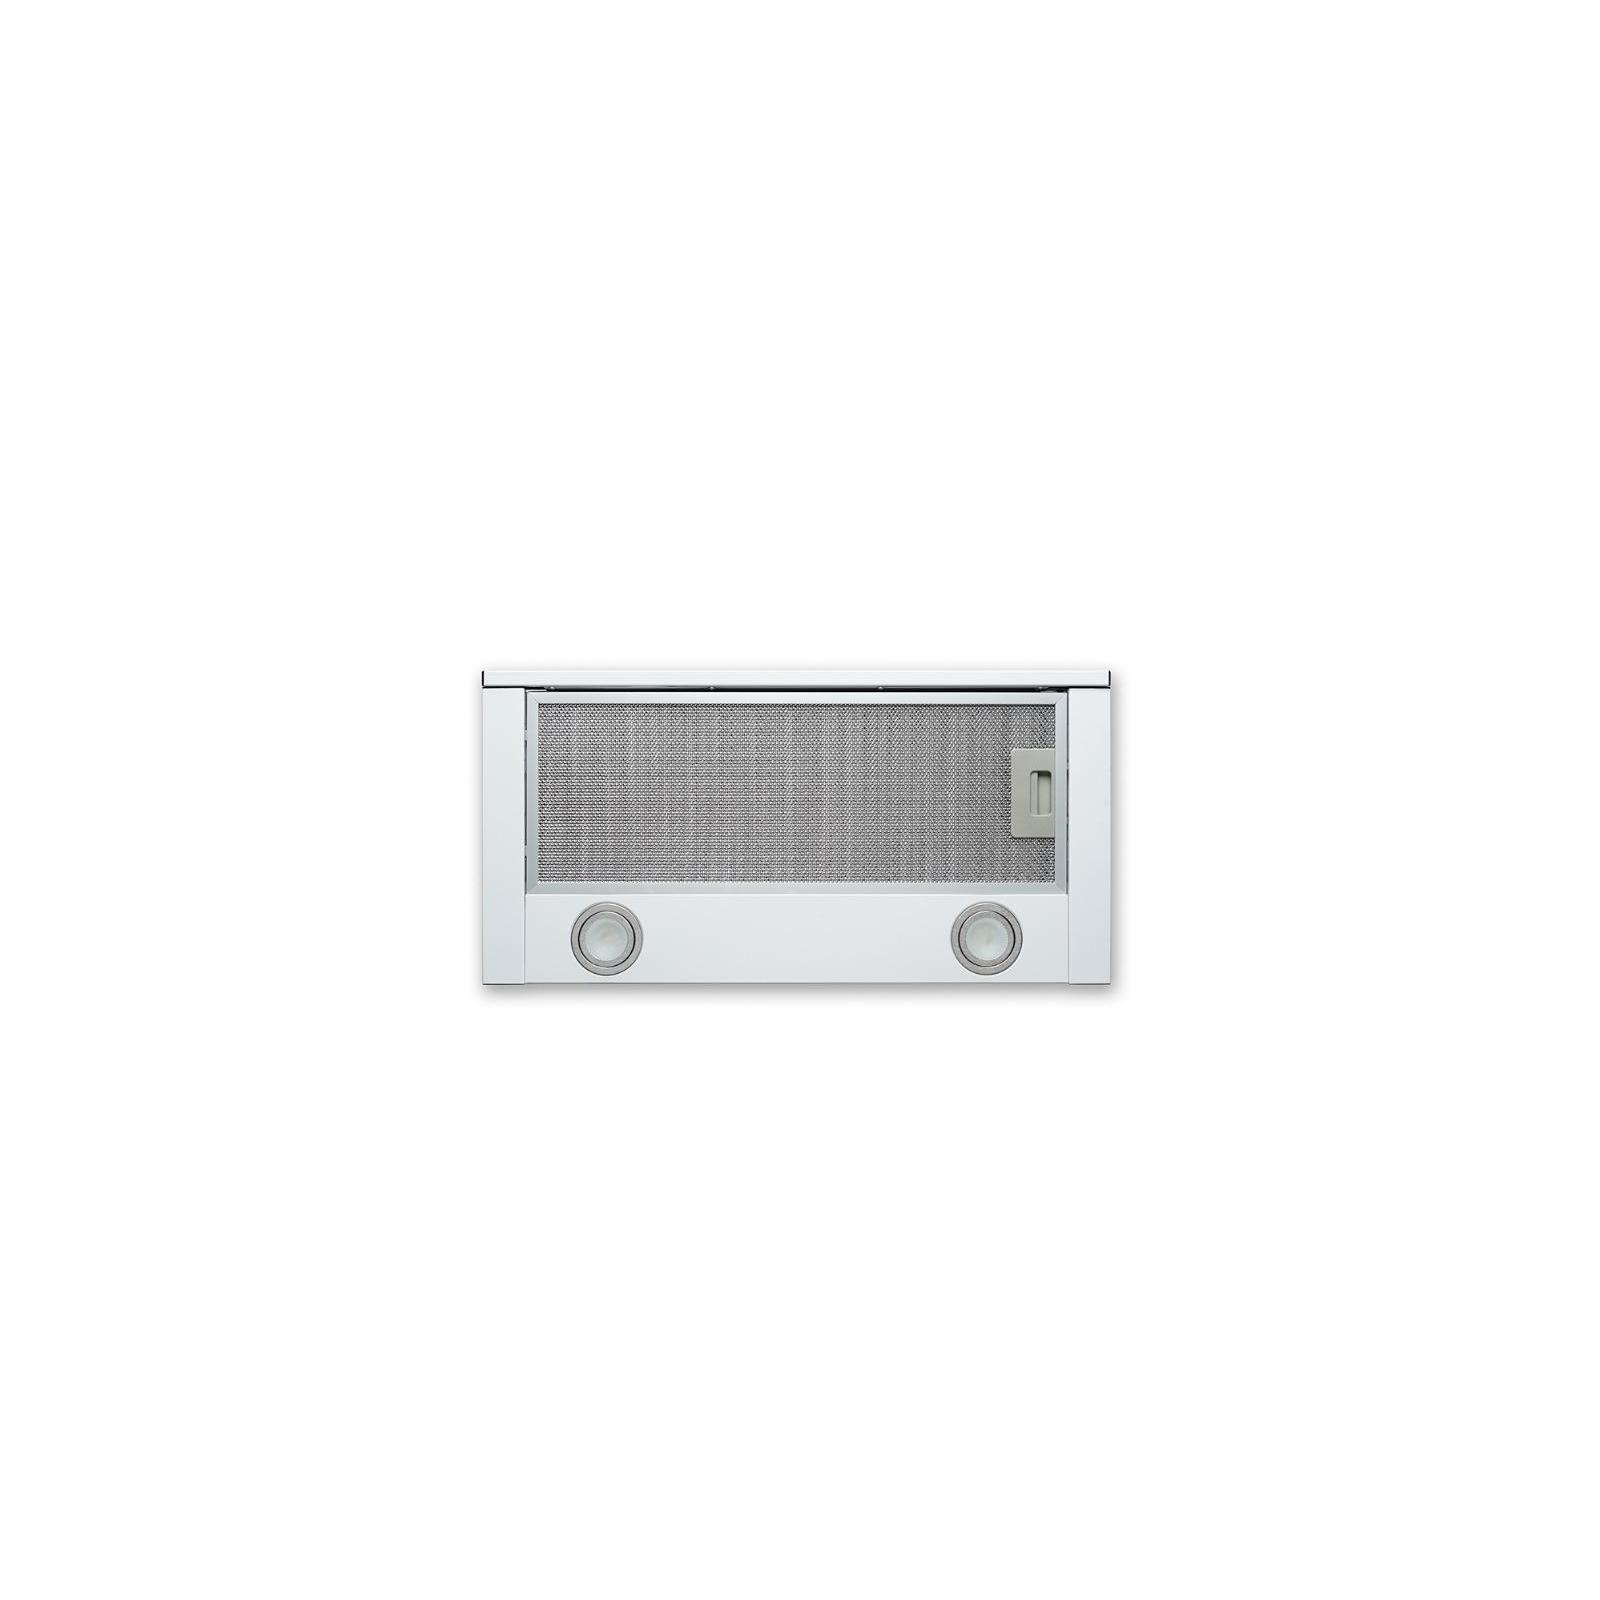 Вытяжка кухонная MINOLA HTL 6812 WH 1200 LED изображение 3